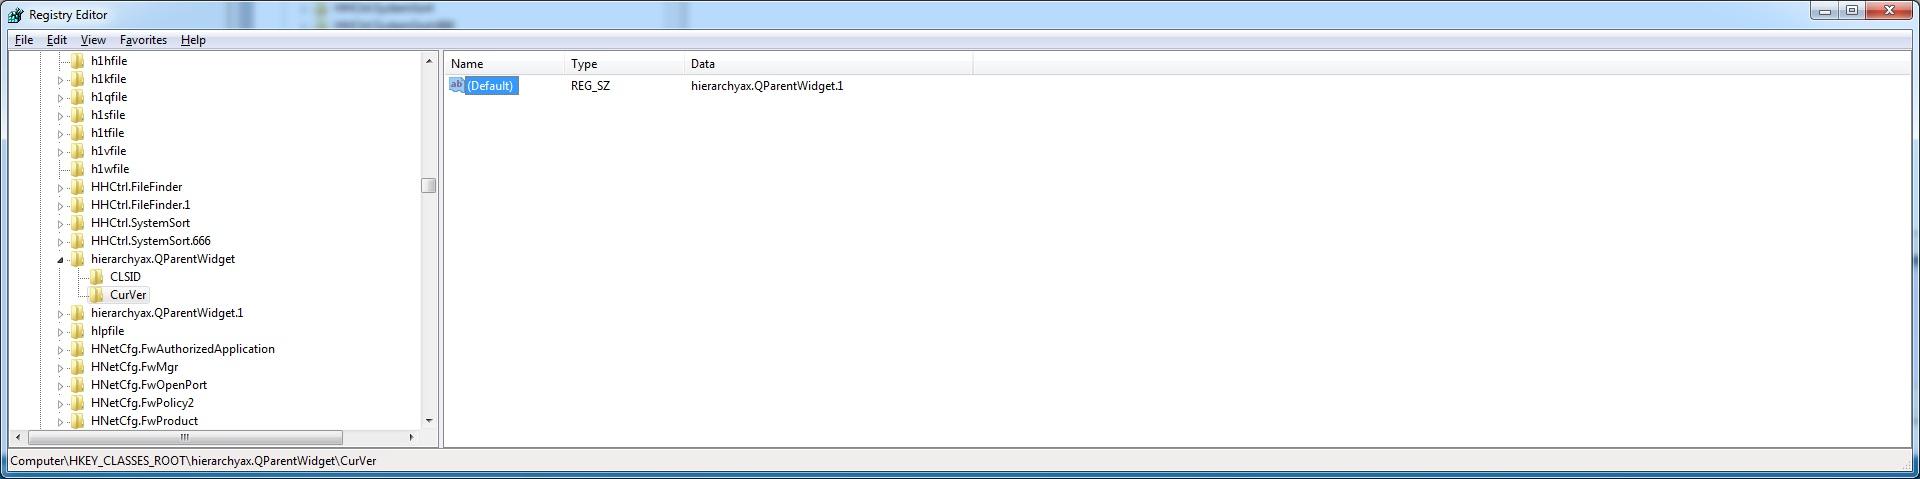 0_1521208959649_hierarchyax2.jpg